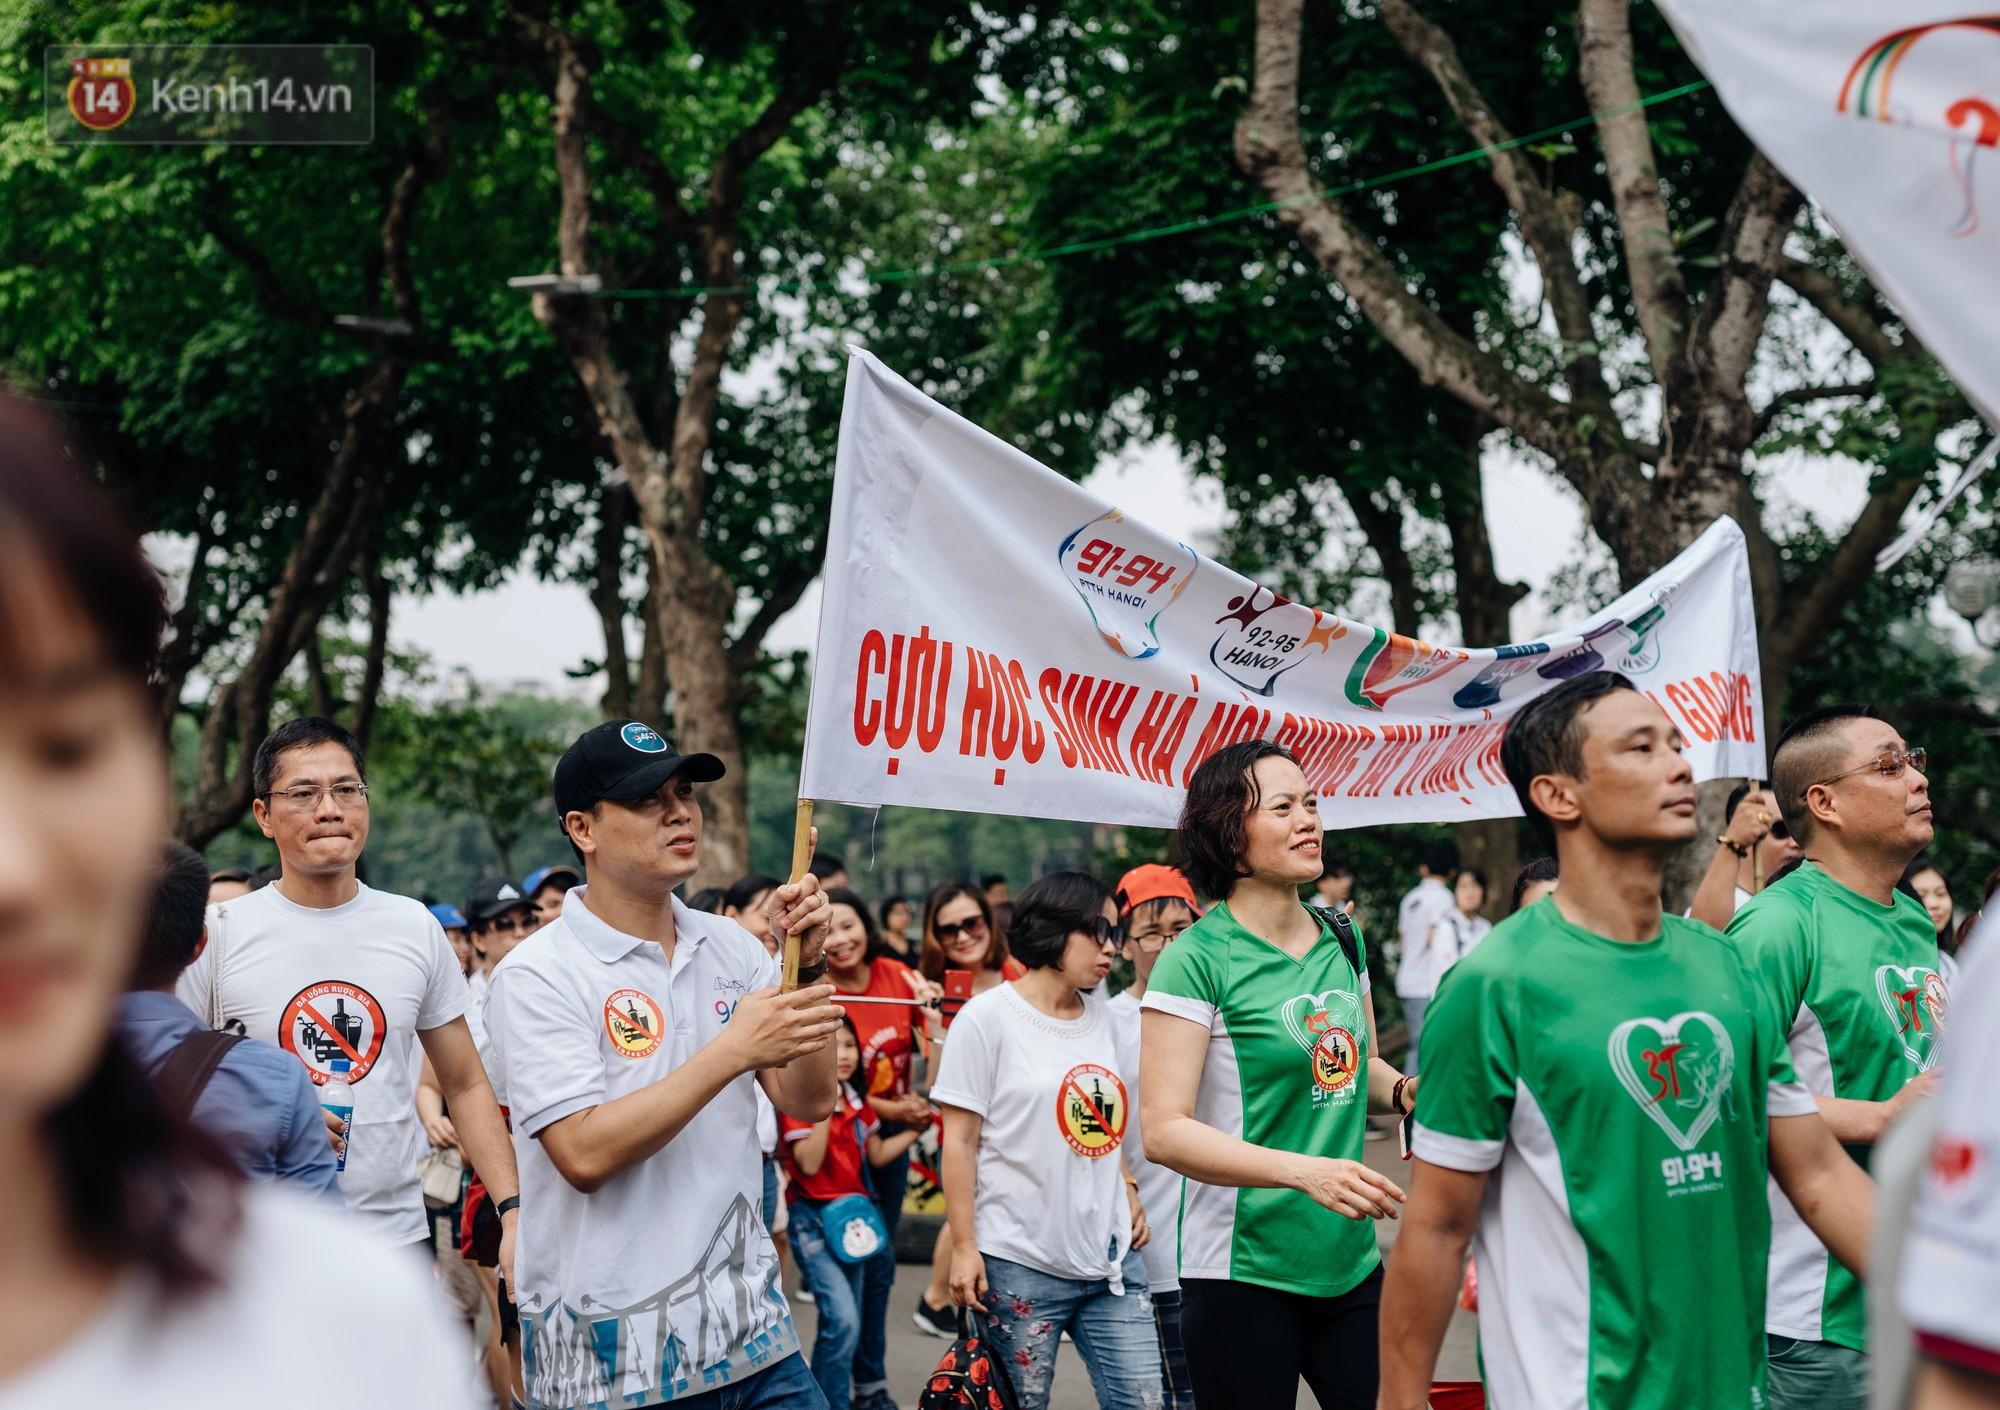 Chùm ảnh: 8.000 người mang logo 'Đã uống rượu bia - Không lái xe' cùng tuần hành trên phố đi bộ Hồ Gươm - 6